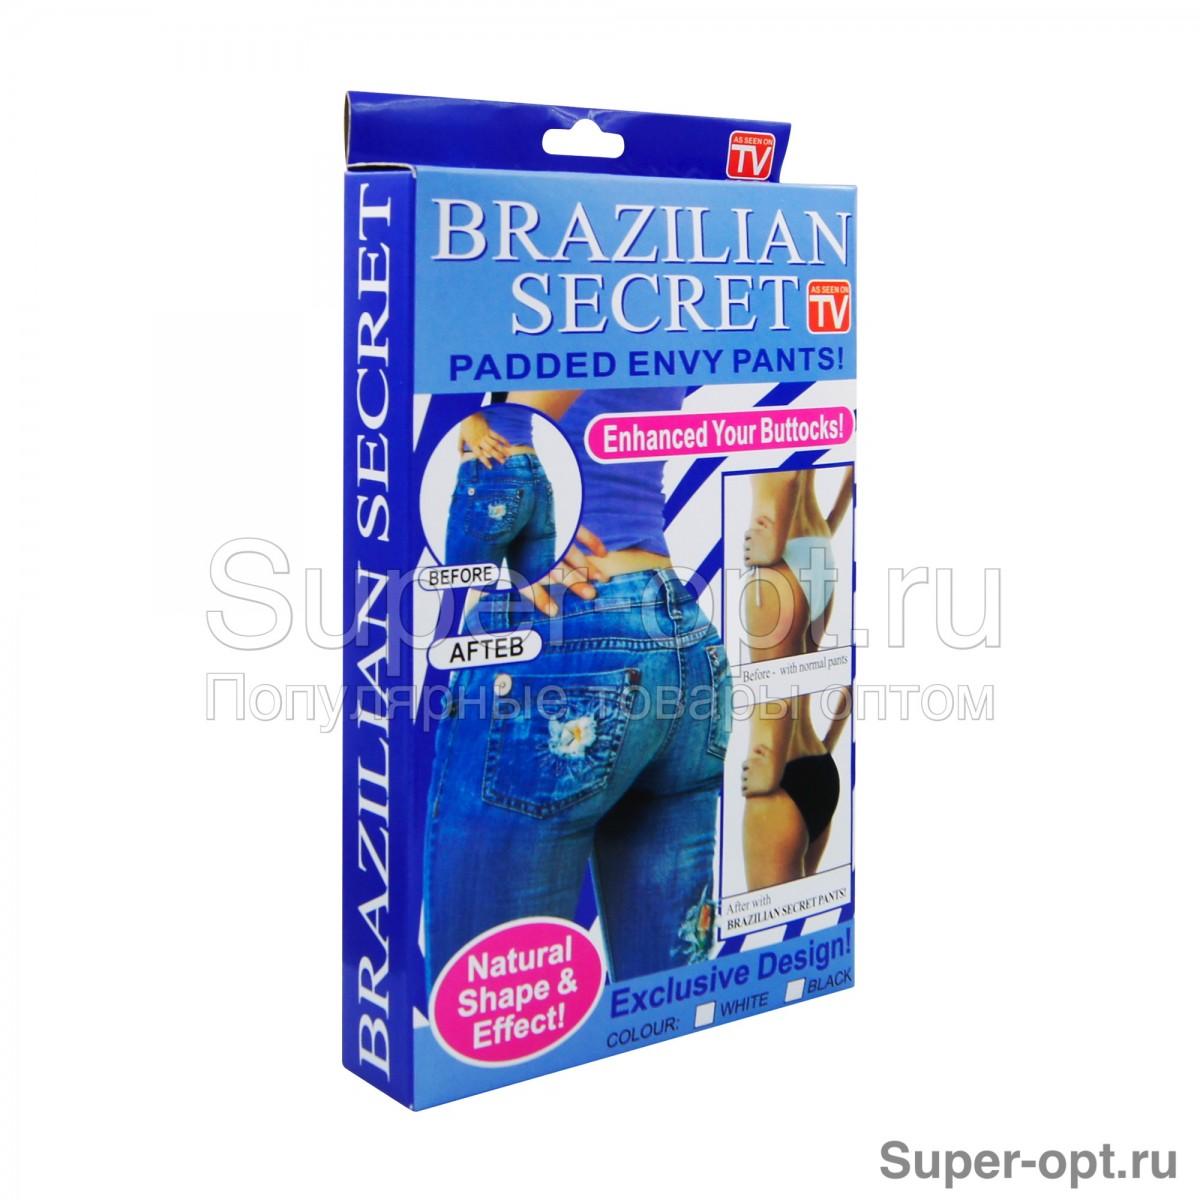 Корректирующие трусики Brazilian Secret оптом